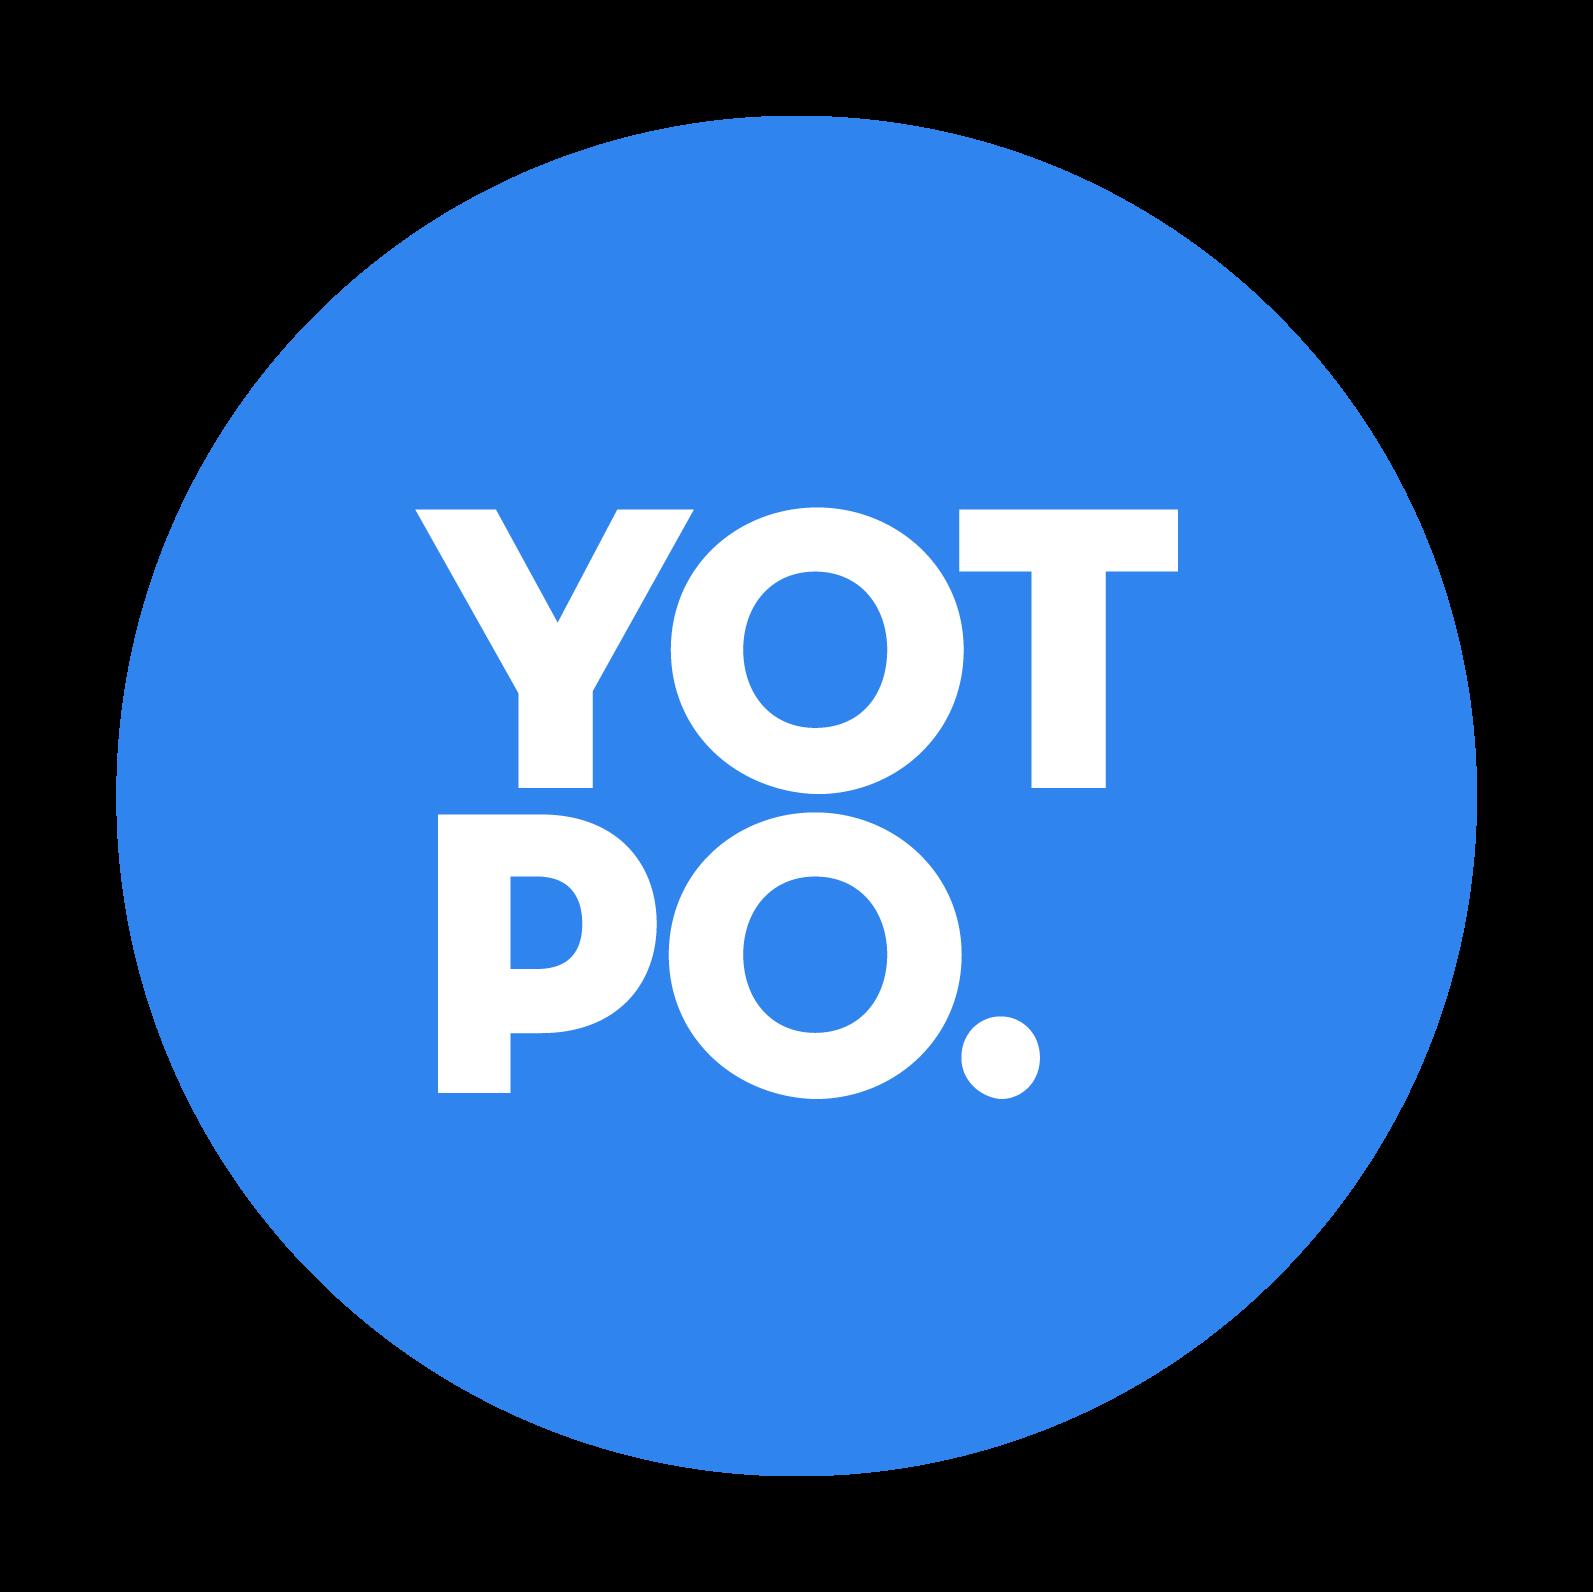 company-logos_YOTPO